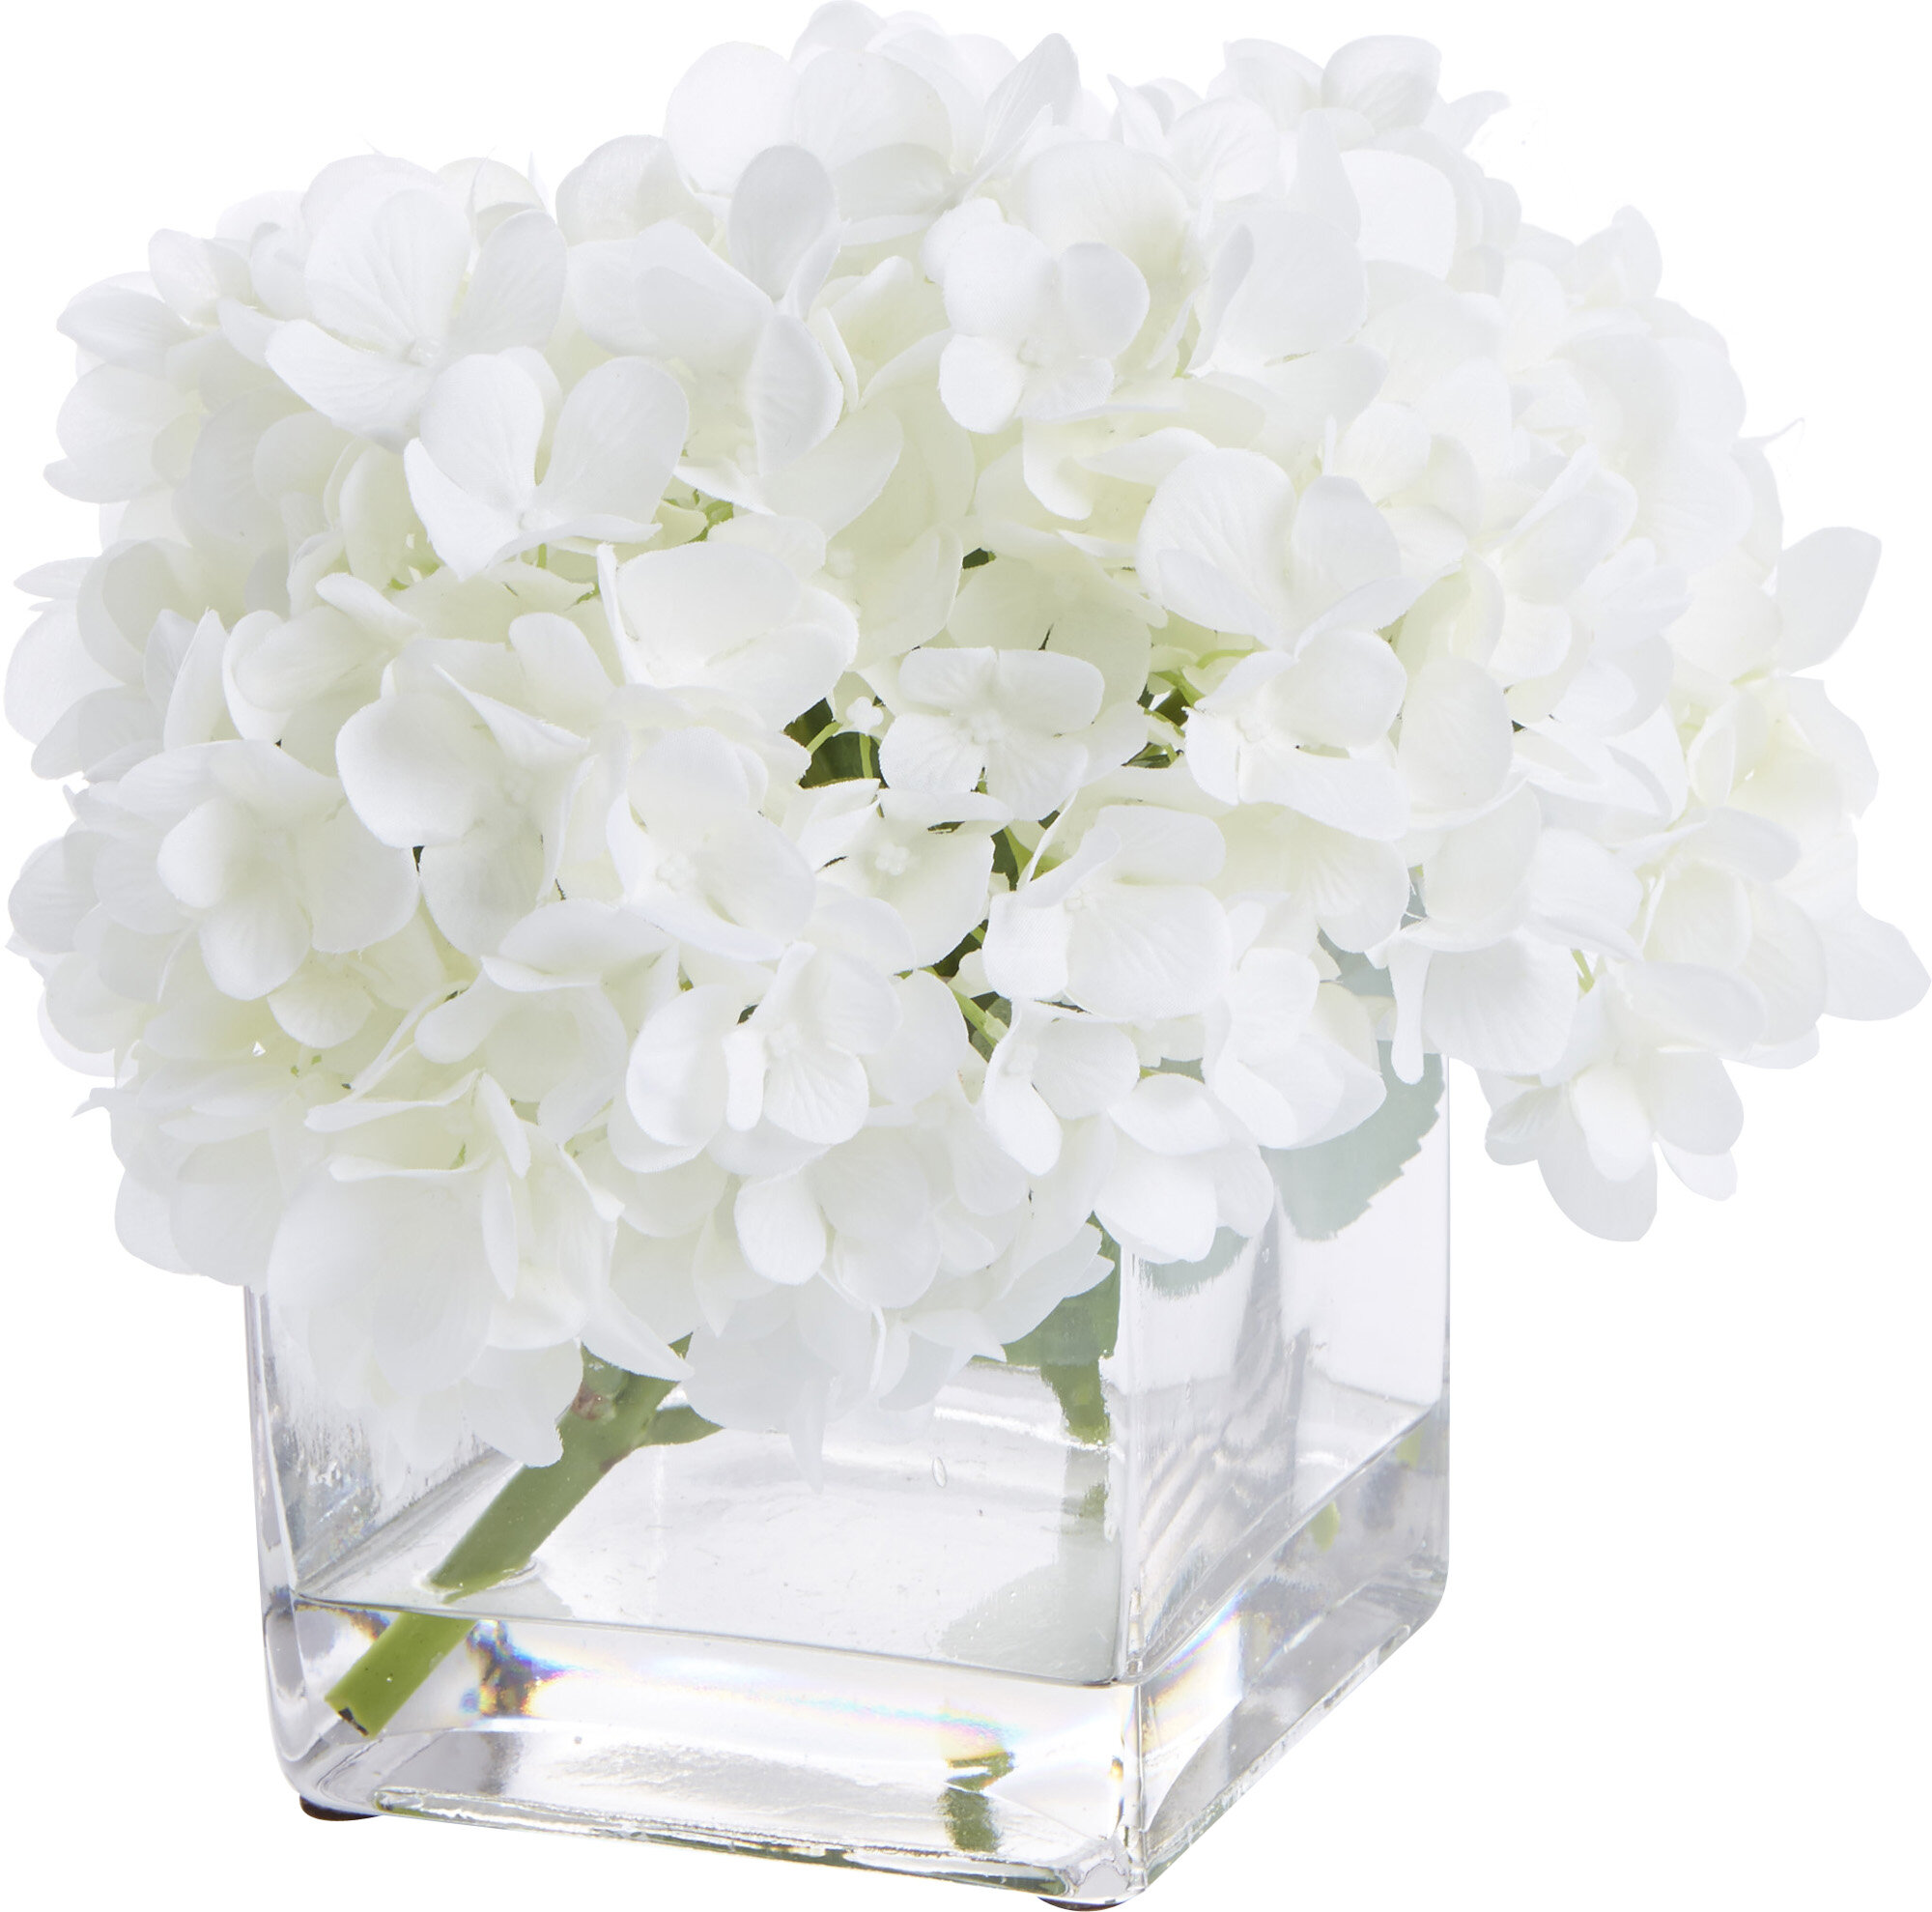 Creative Displays Inc Faux White Hydrangea Arrangement Reviews